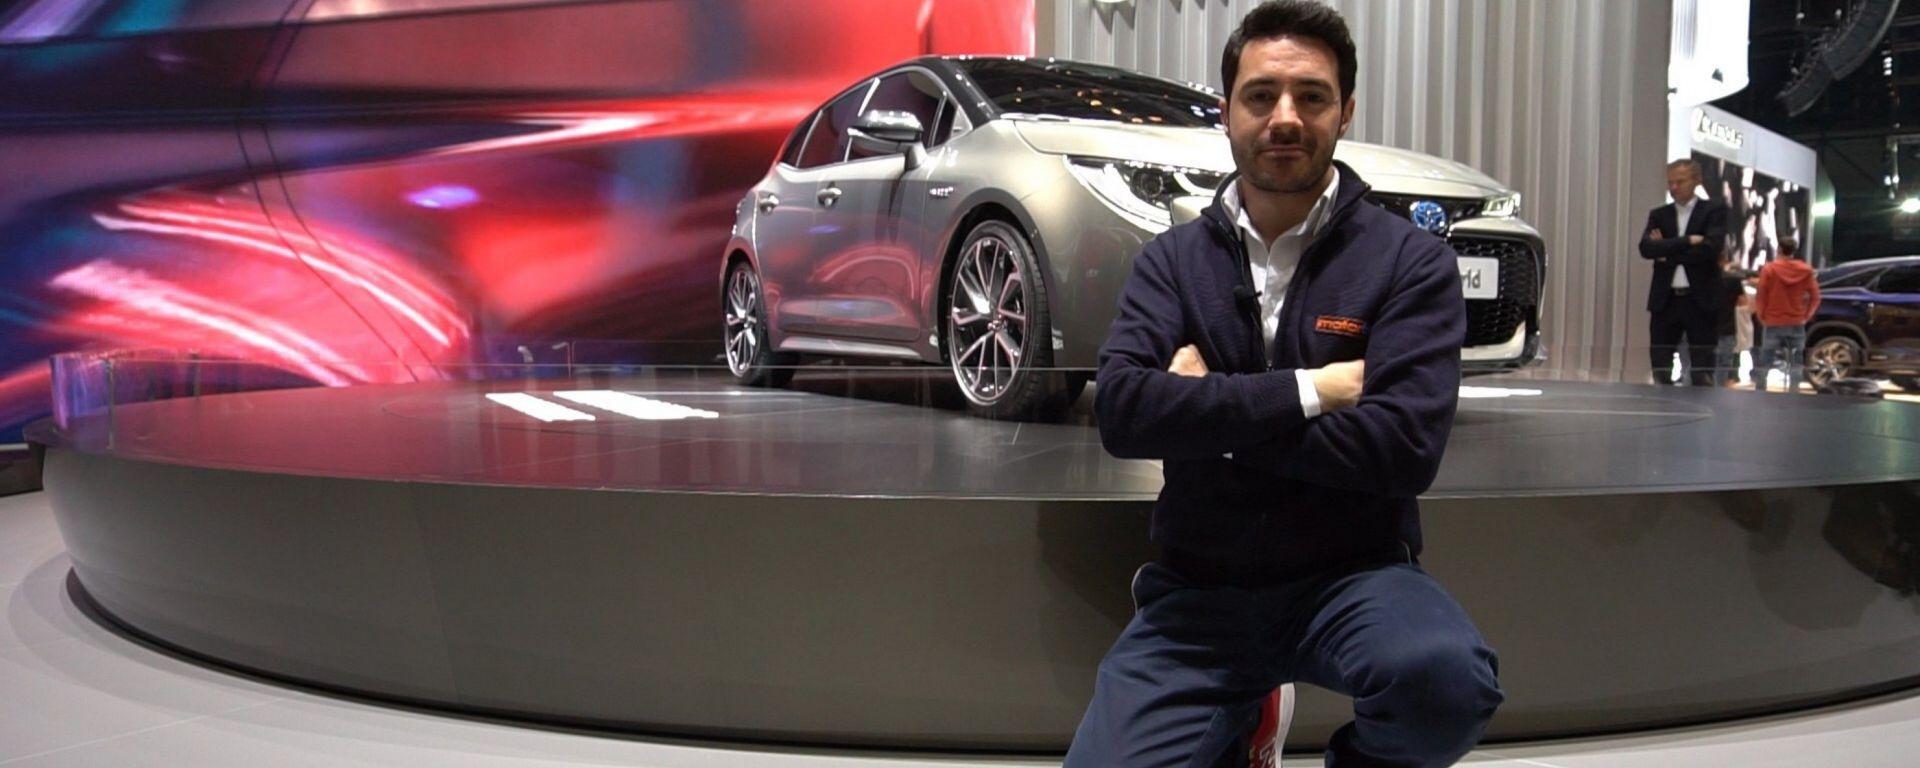 Nuova Toyota Auris hybrid: in video dal Salone di Ginevra 2018